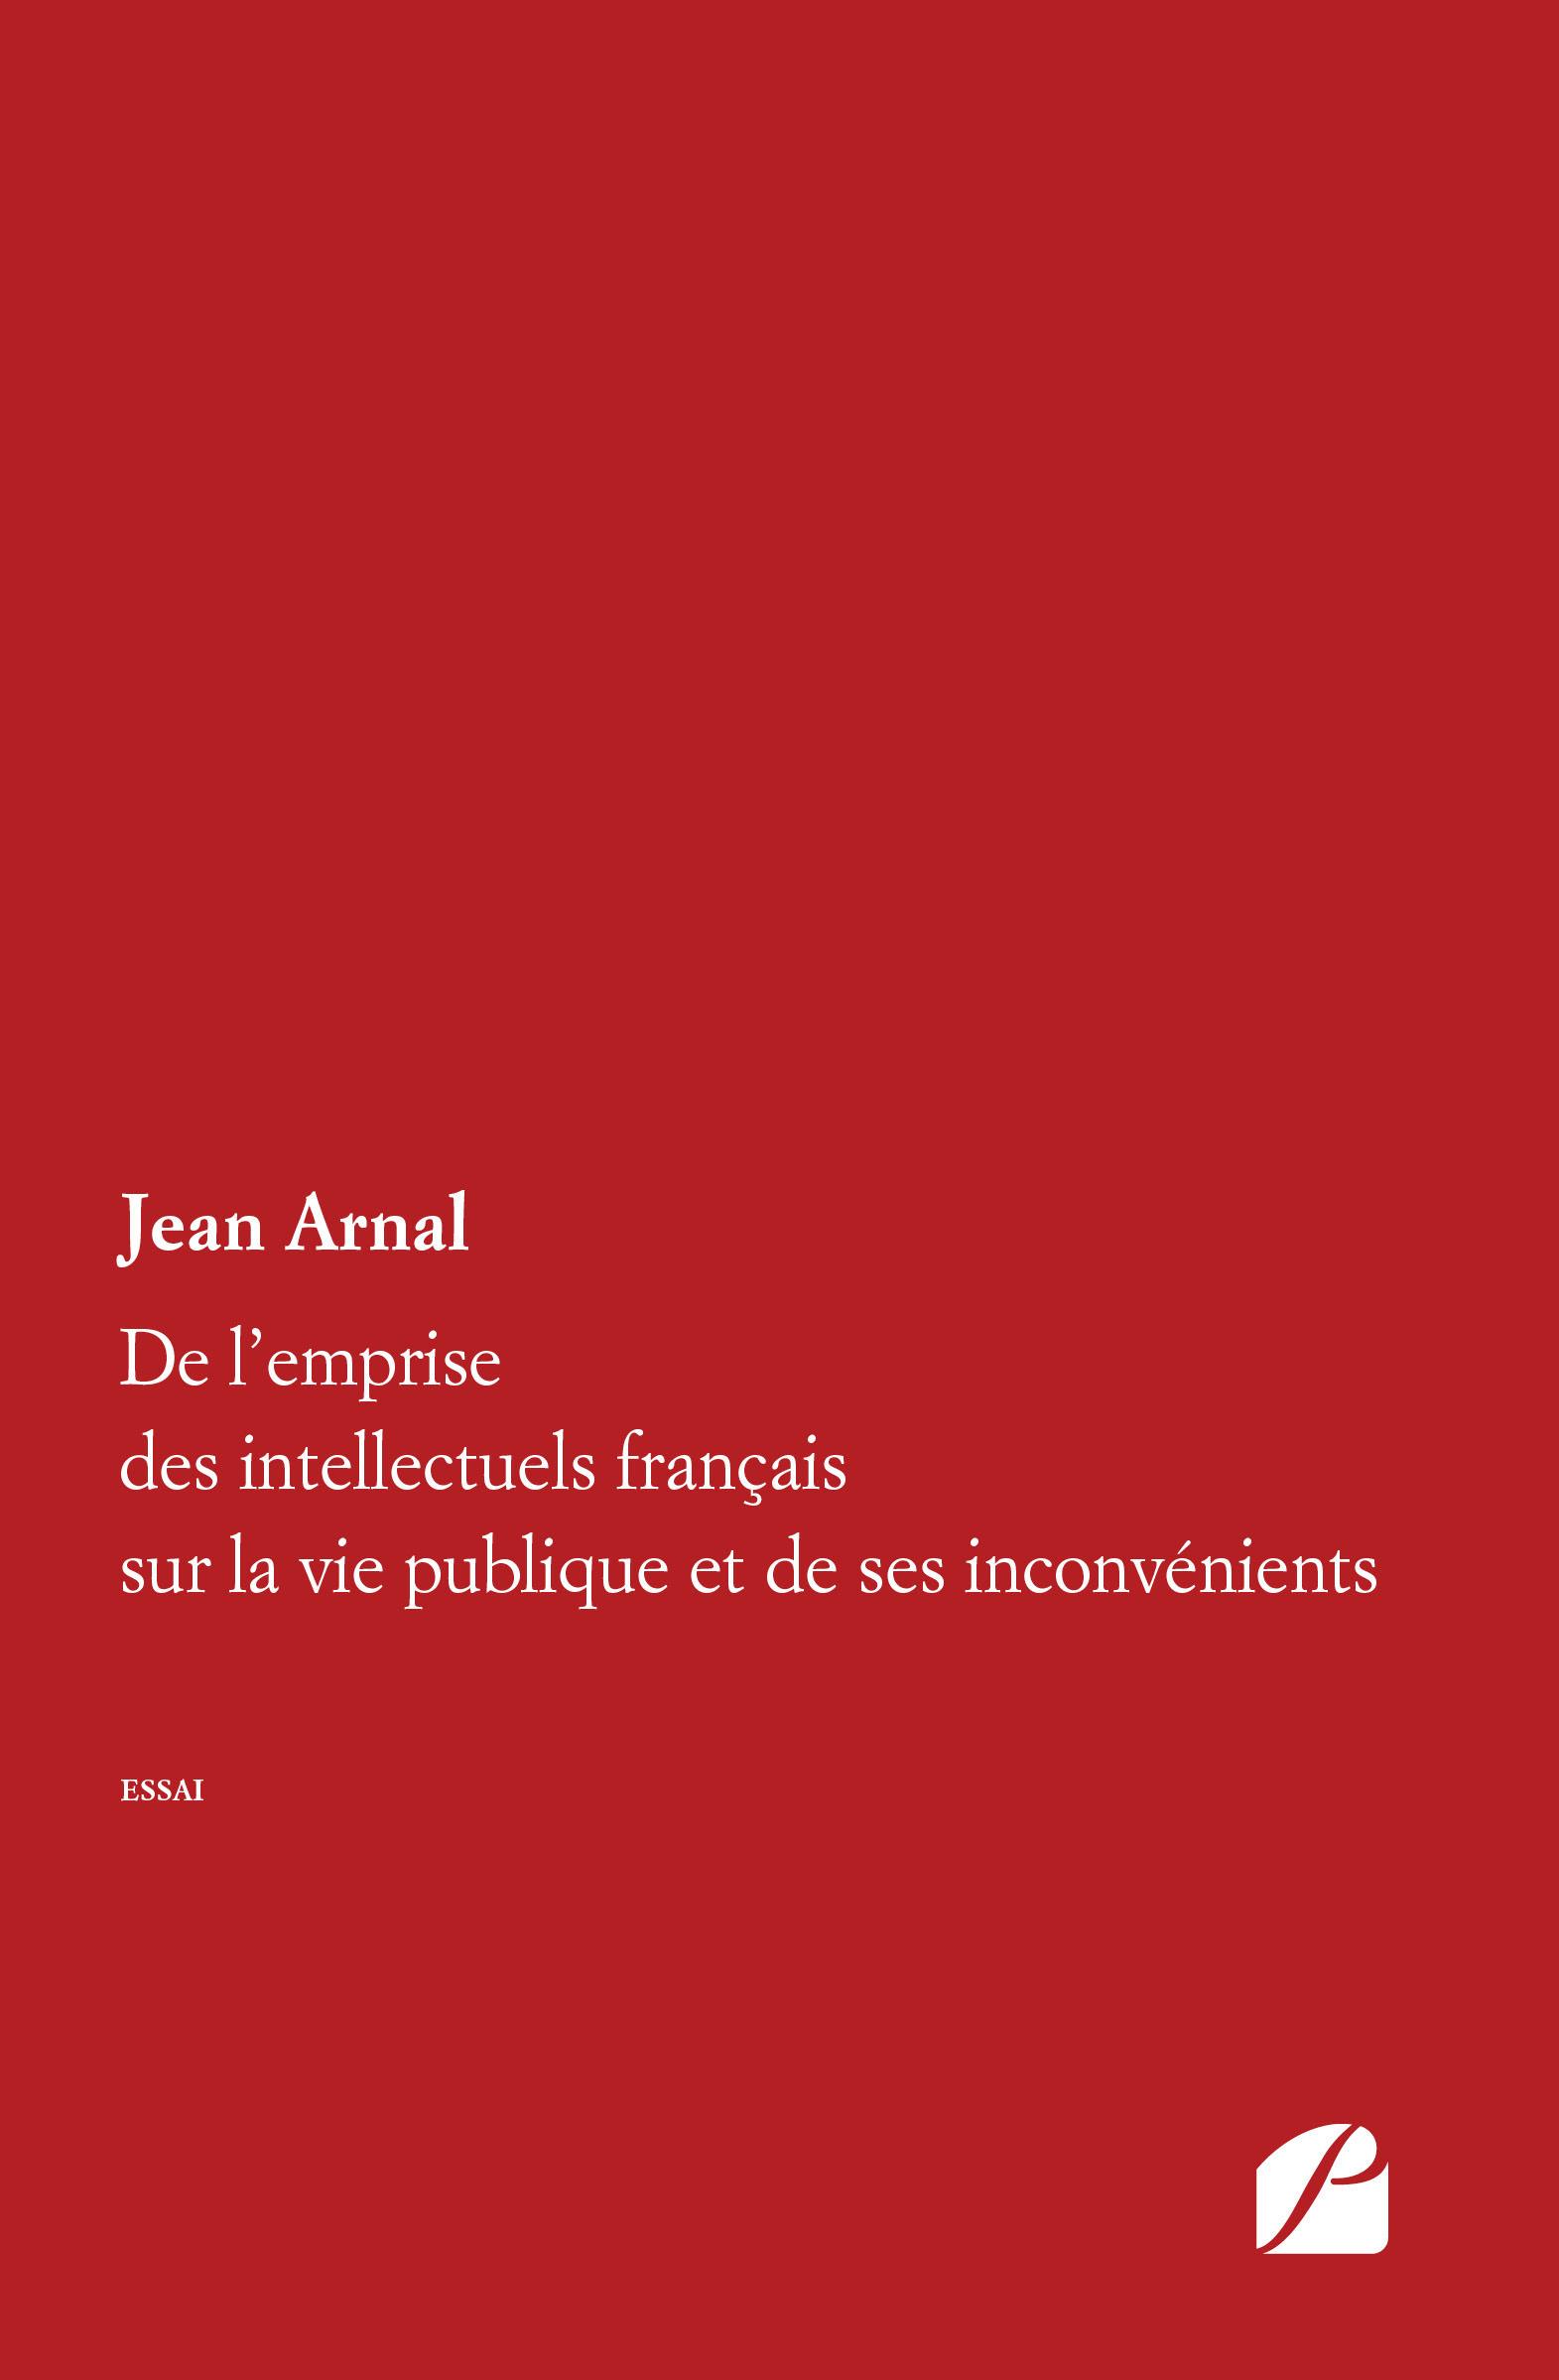 De l'emprise des intellectuels français sur la vie publique et de ses inconvénients  - Jean Arnal